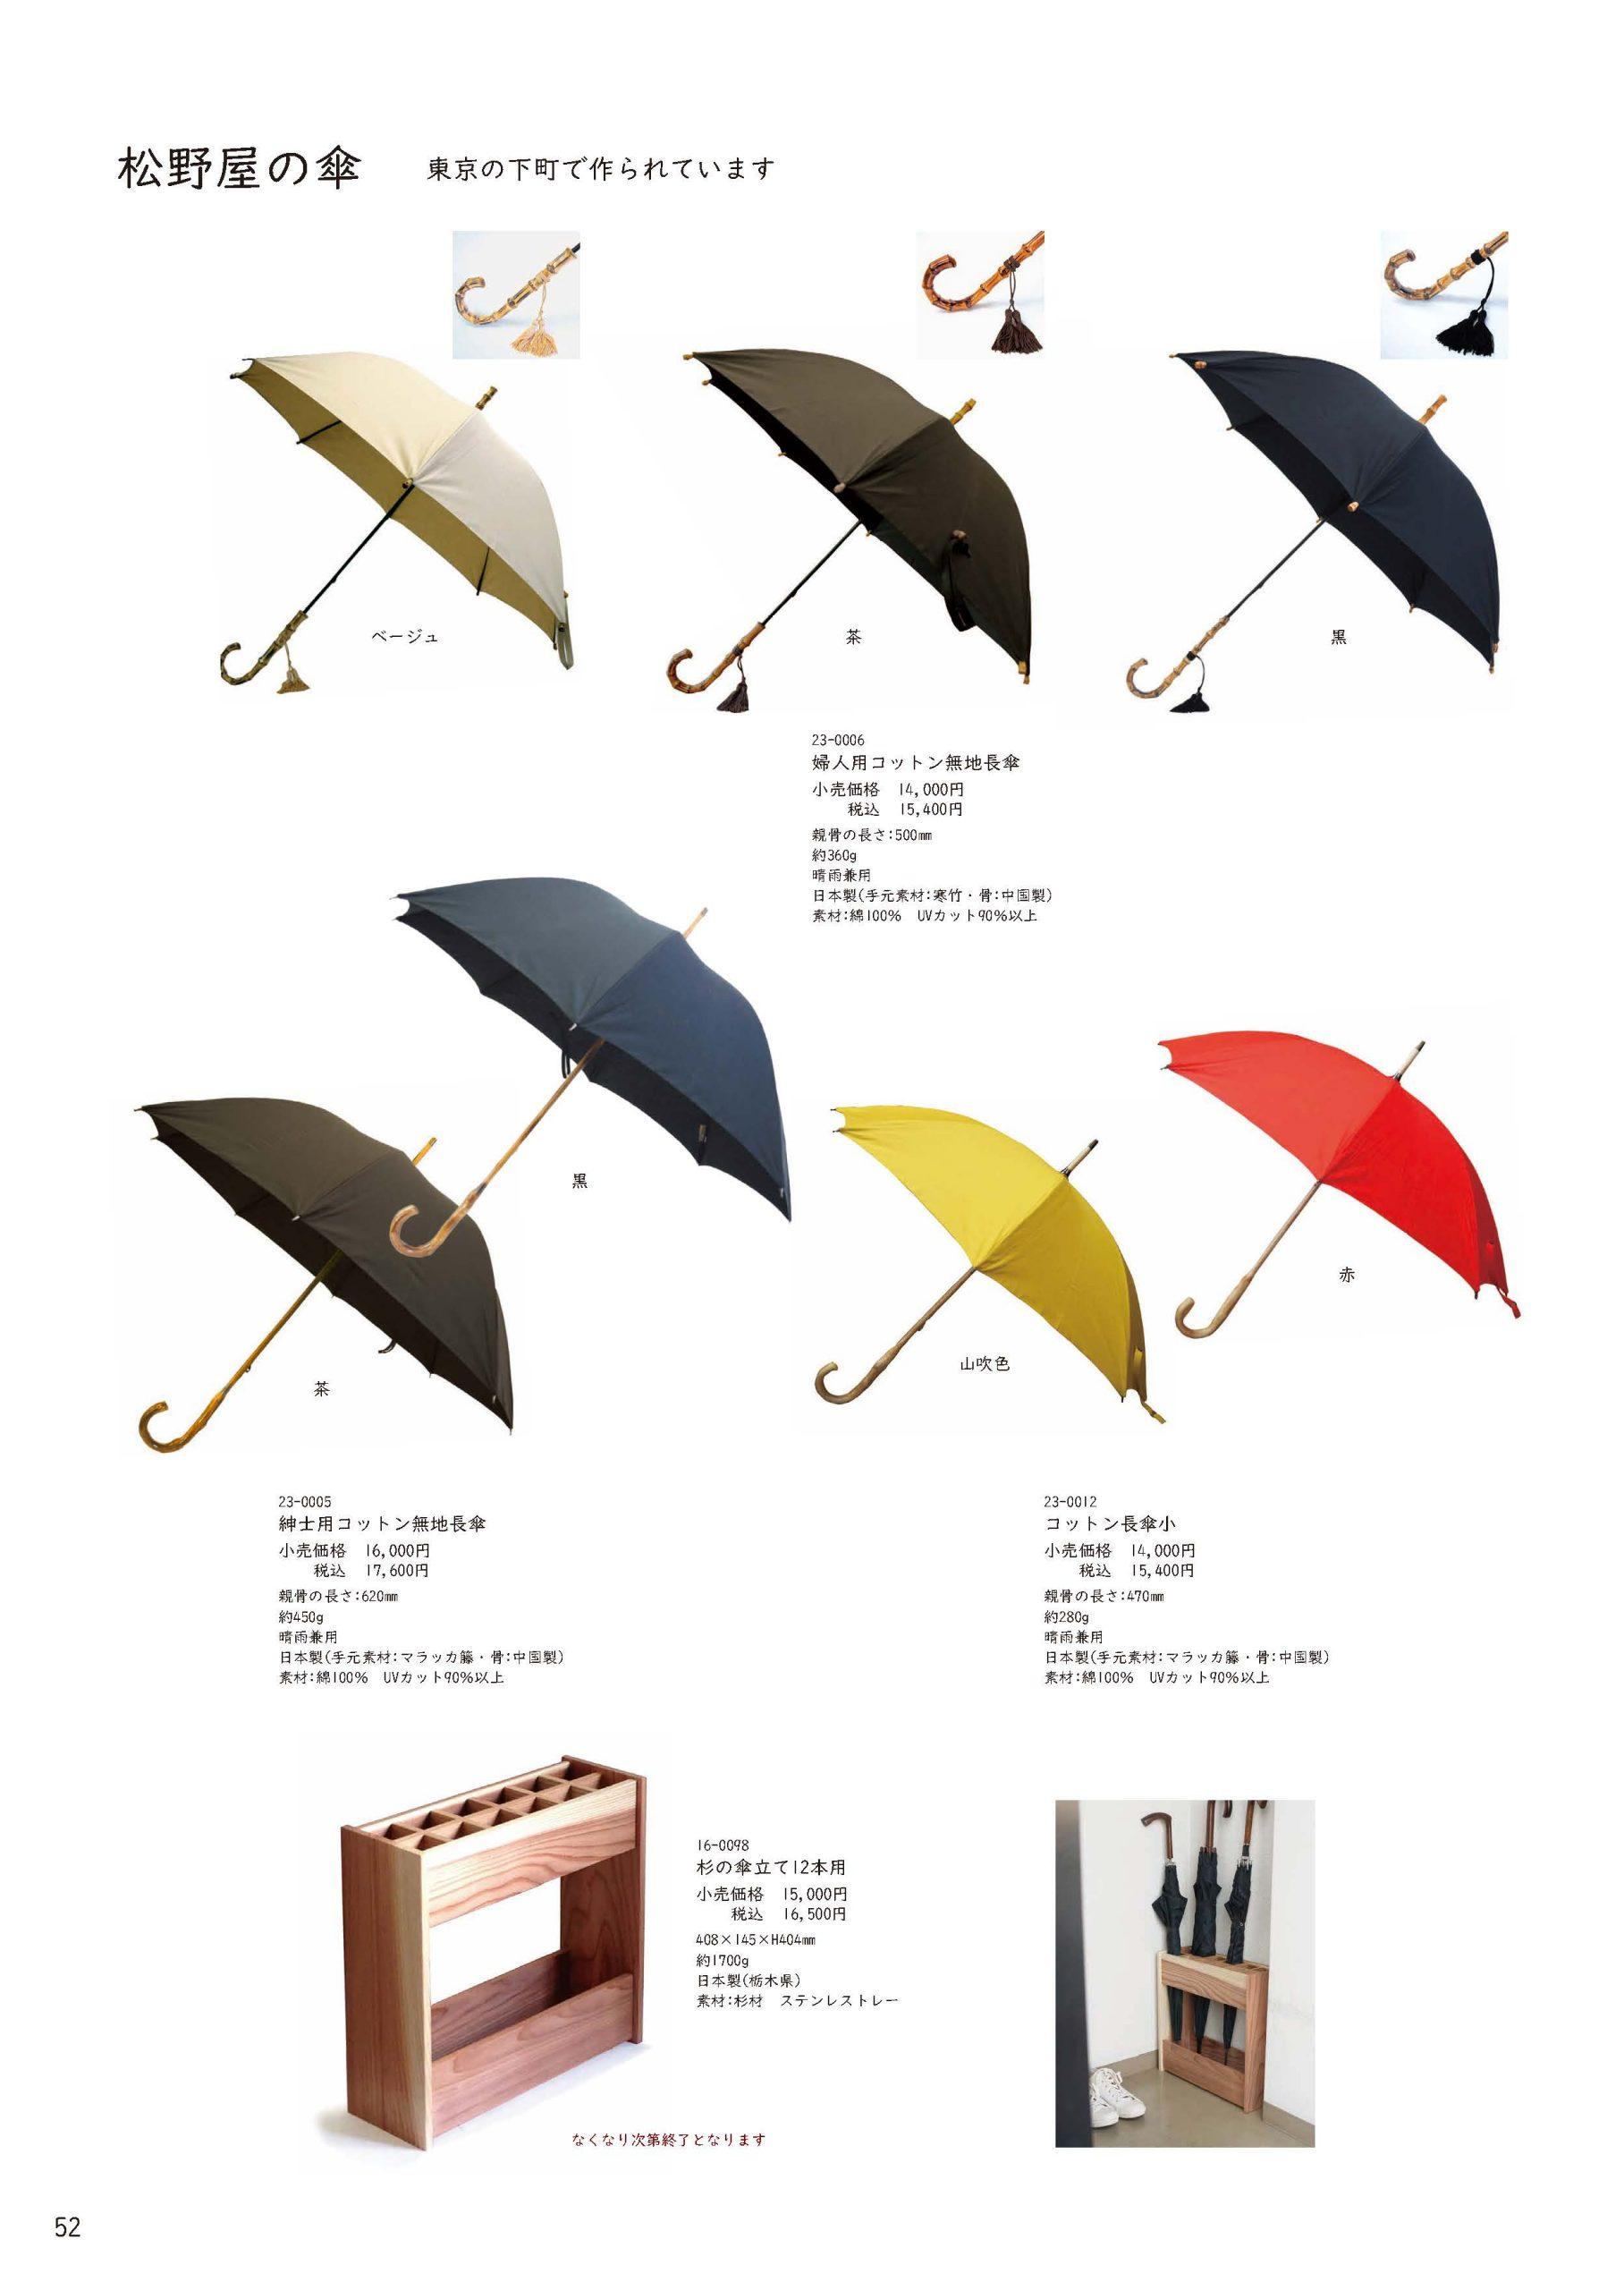 松野屋の傘